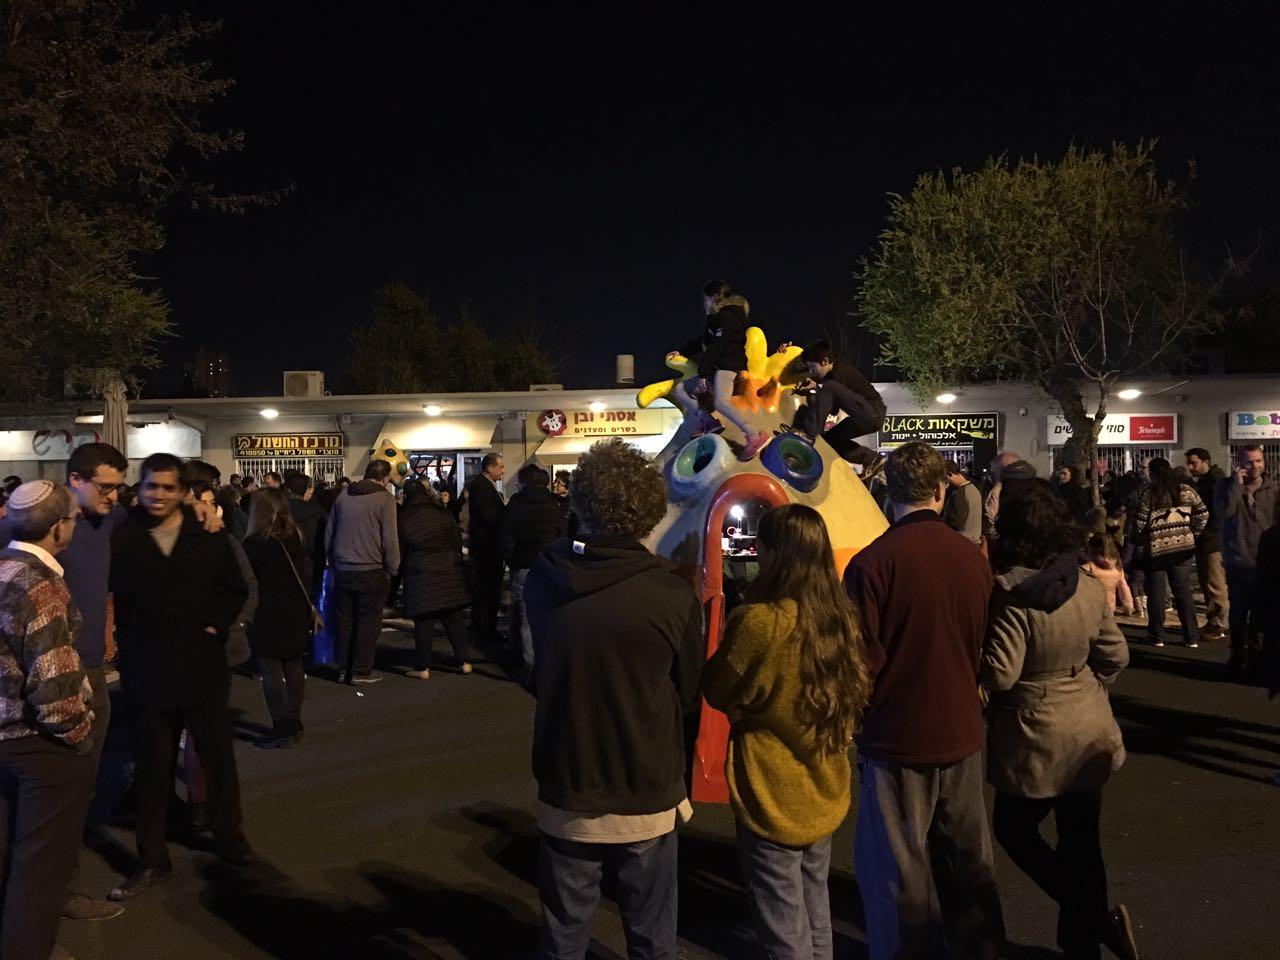 אירוע תמיכה פאב המפלצת (צילום סיעת מרצ)